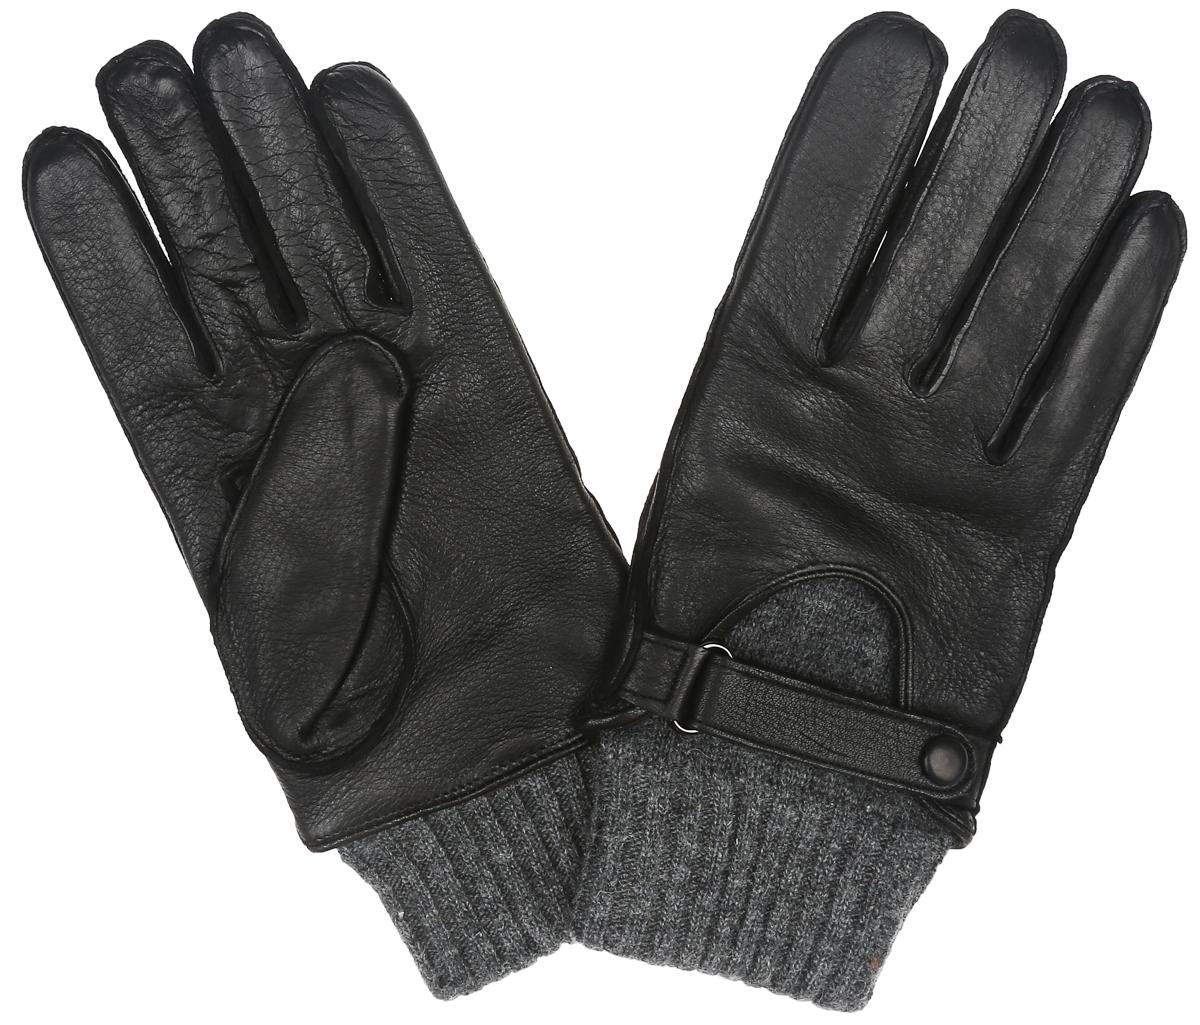 Перчатки мужские Eleganzza, цвет: черный, серый. OS455. Размер 9OS455Стильные мужские перчатки Eleganzza выполнены из чрезвычайно мягкой иприятной на ощупь натуральной кожи, а их подкладка - из натуральнойшерсти. С лицевой стороны модель оформлена декоративным ремешком на застежке-кнопке. Шерстяные манжеты облегают запястье.В настоящее время перчаткиявляются неотъемлемой принадлежностью одежды. Перчатки станутзавершающим и подчеркивающим элементом вашего стиля и неповторимости.